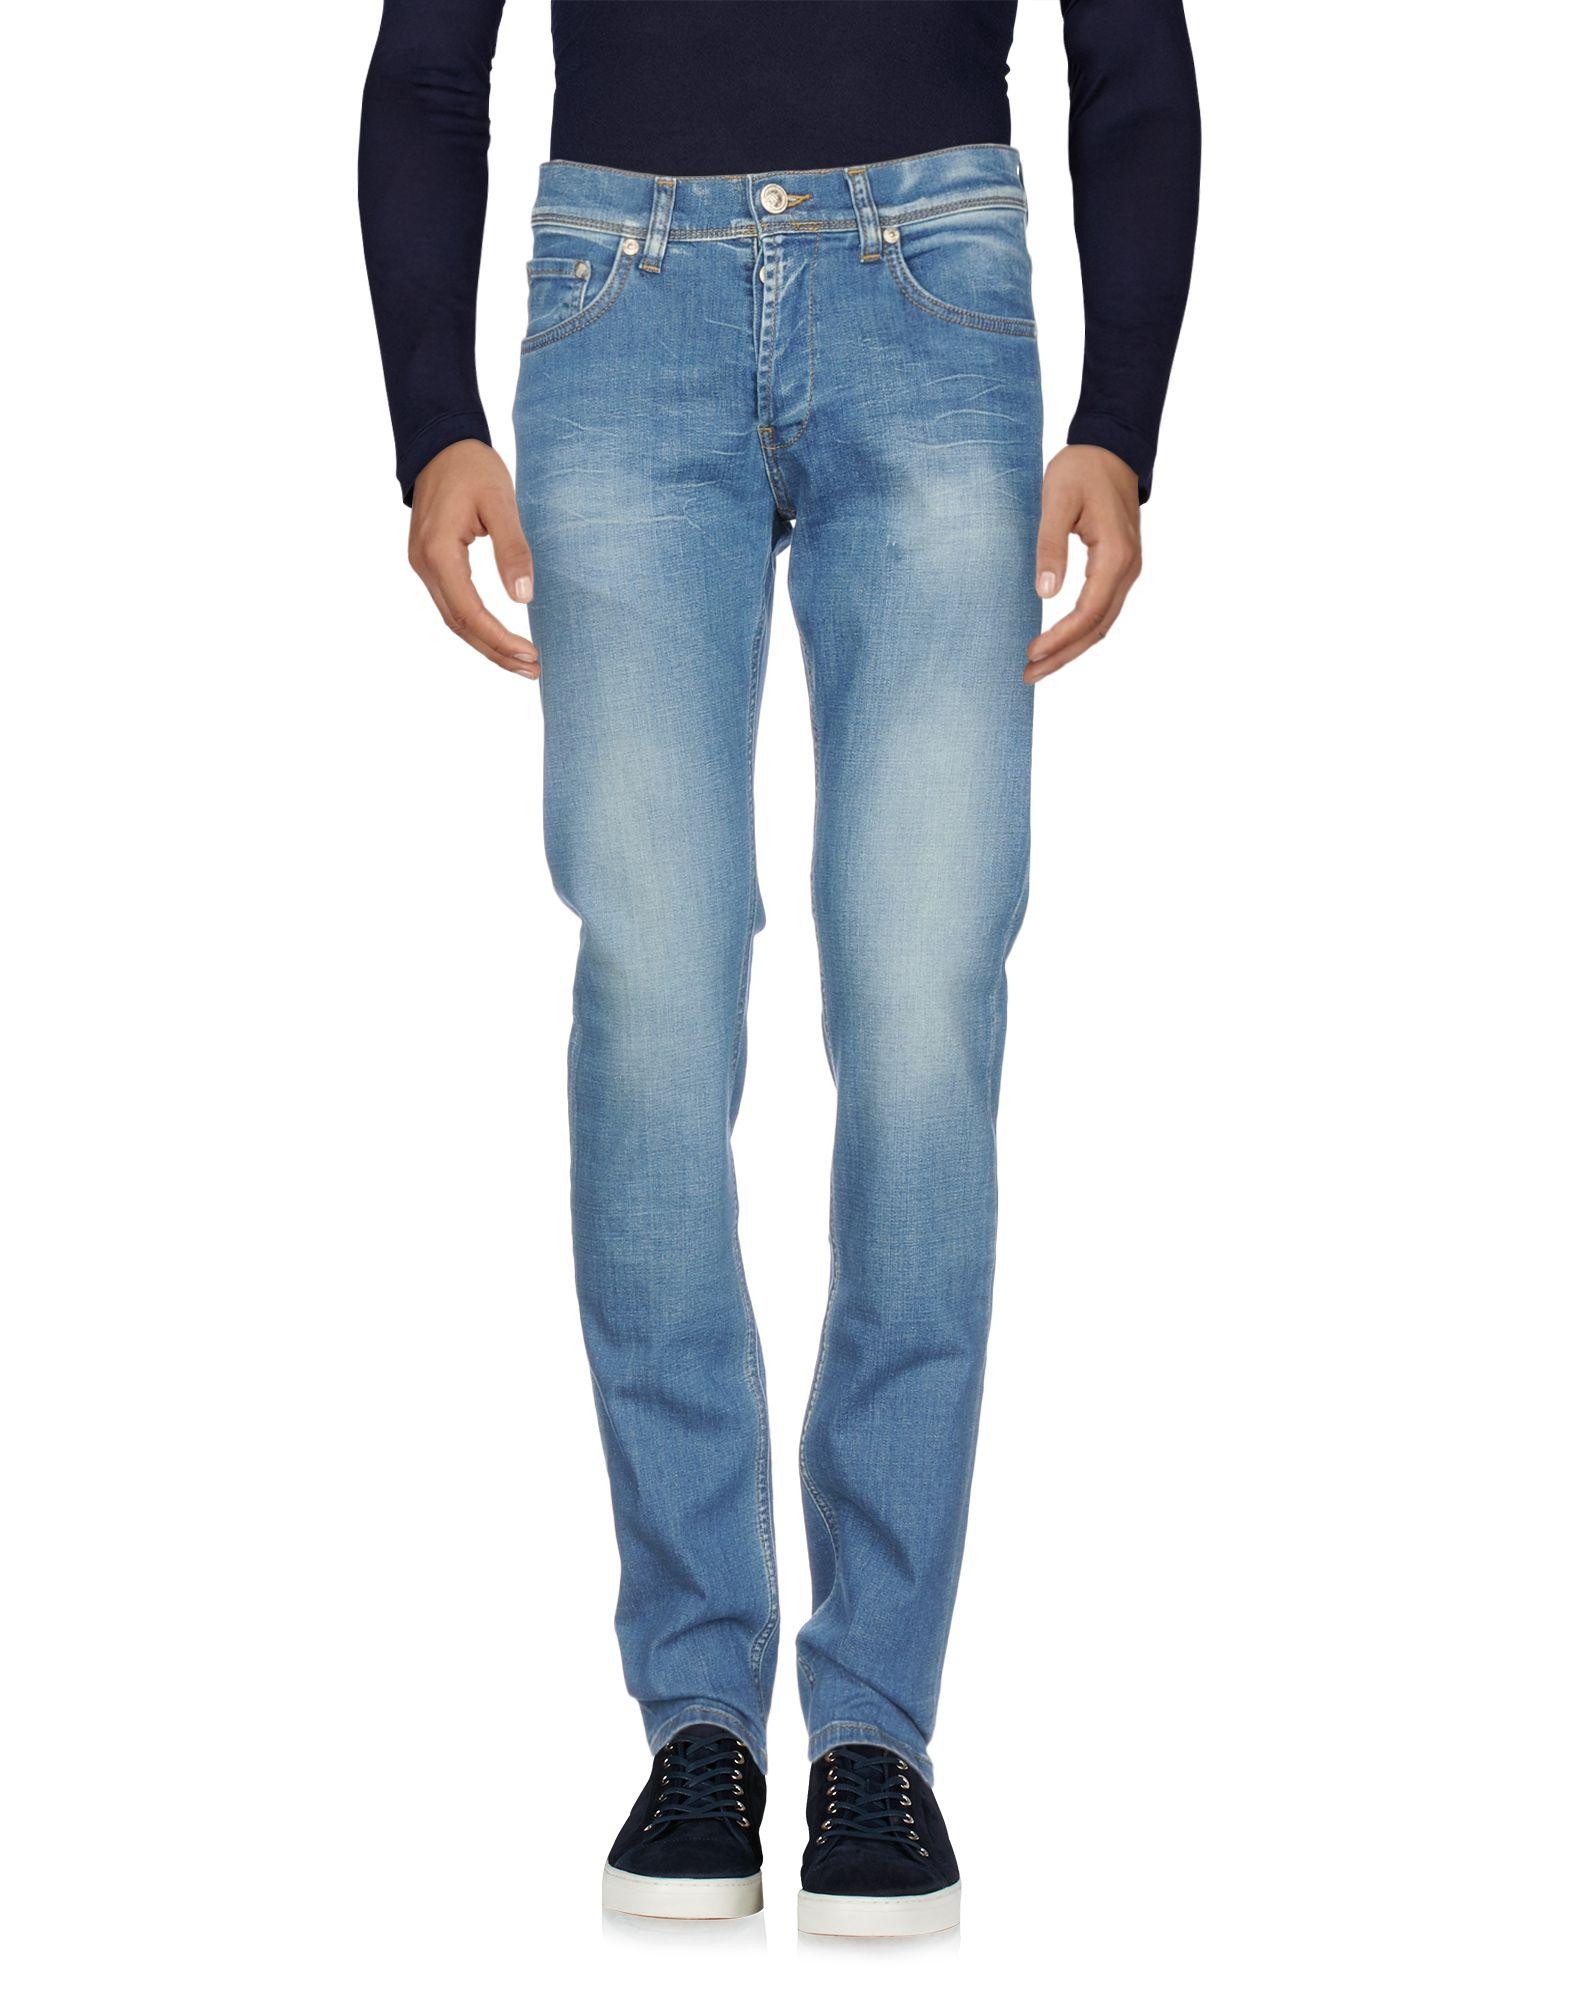 Pantaloni 42669501FO Jeans Ltb Uomo - 42669501FO Pantaloni cb27c1